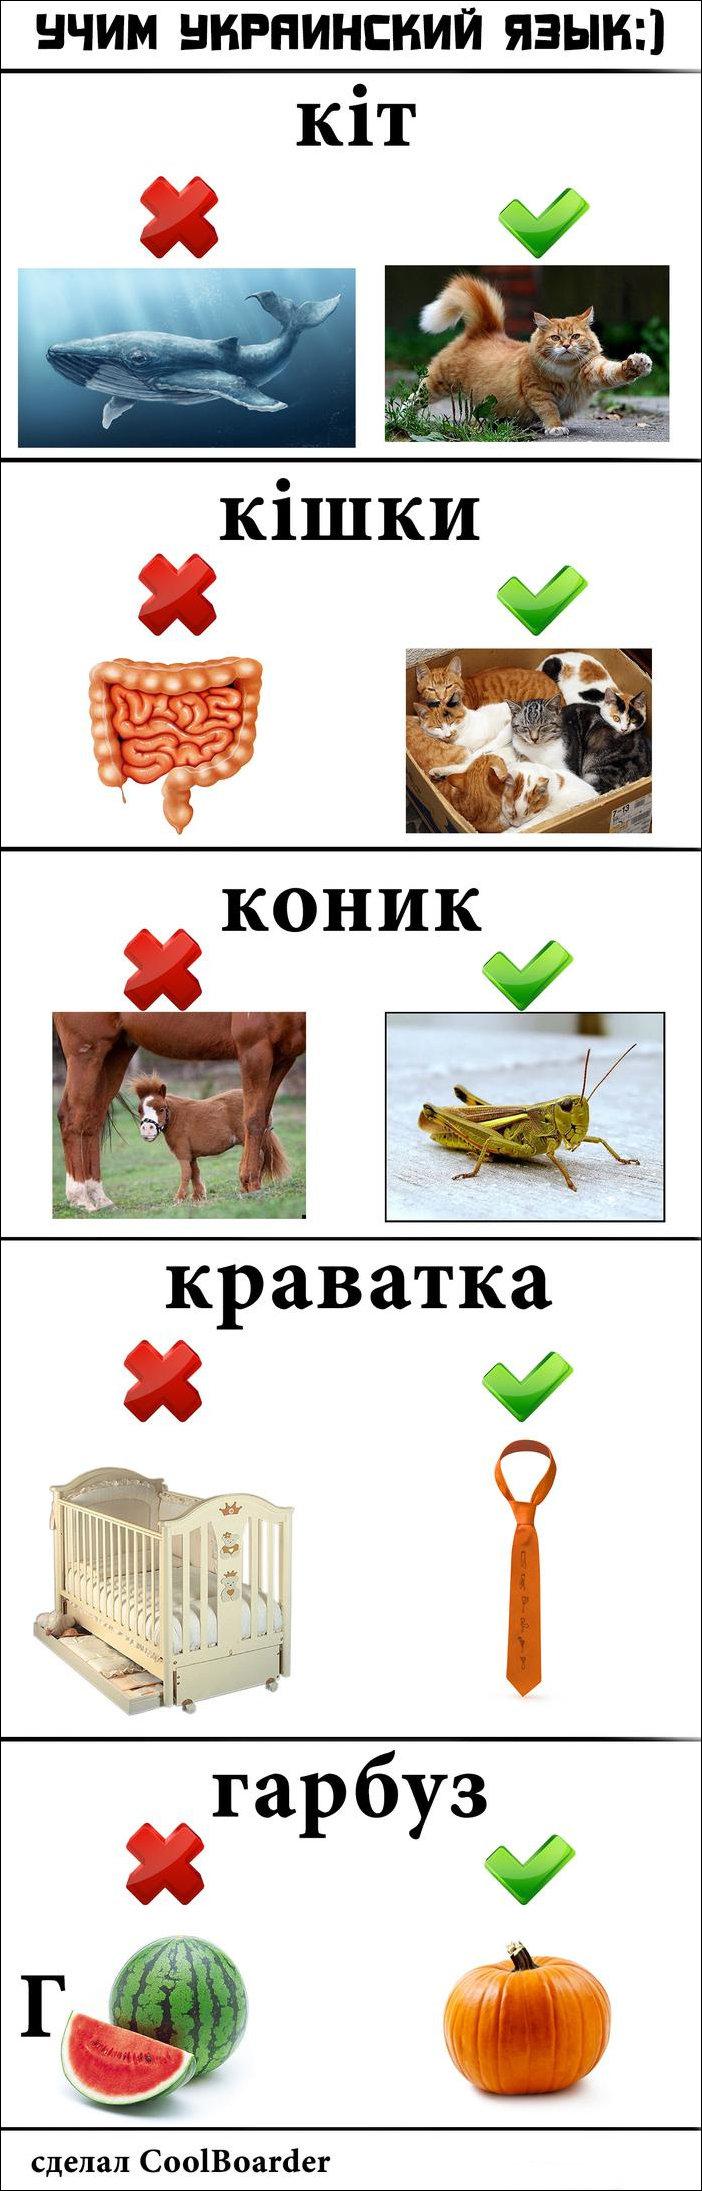 Украинский язык в картинках